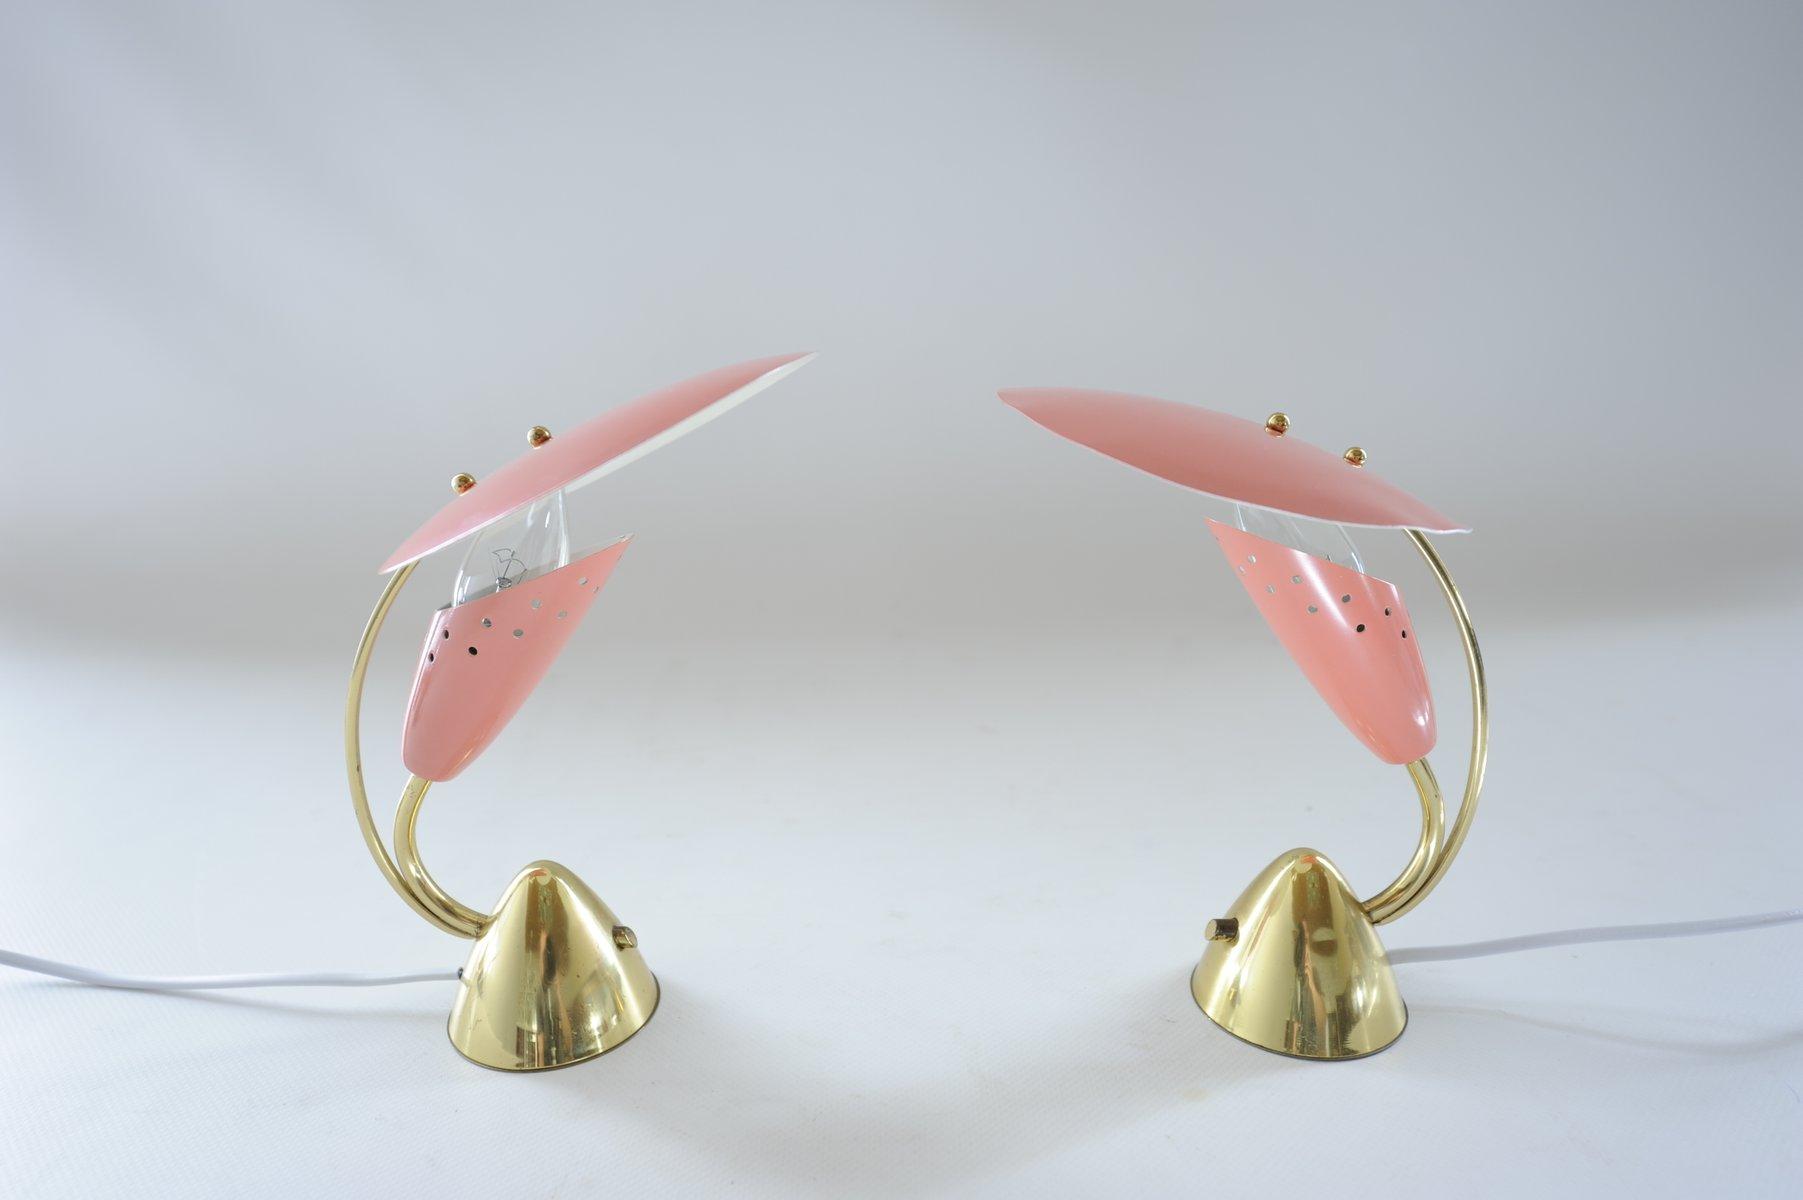 Metall Schreibtischlampen aus Messing & rosa Metall von Arredoluce, 19...